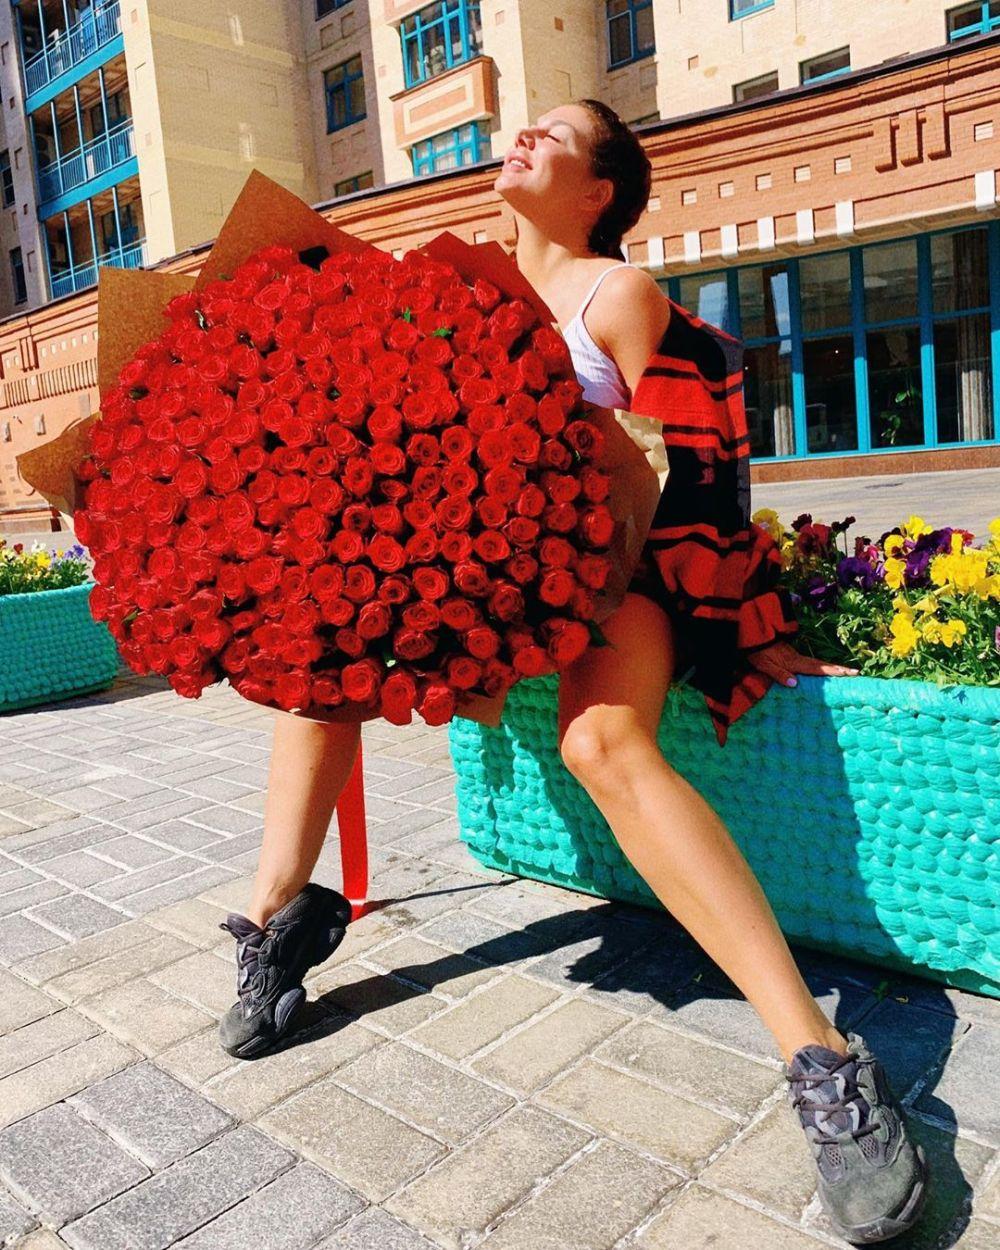 Анна Седокова: По букету всегда ясно, какой у мужчины размер